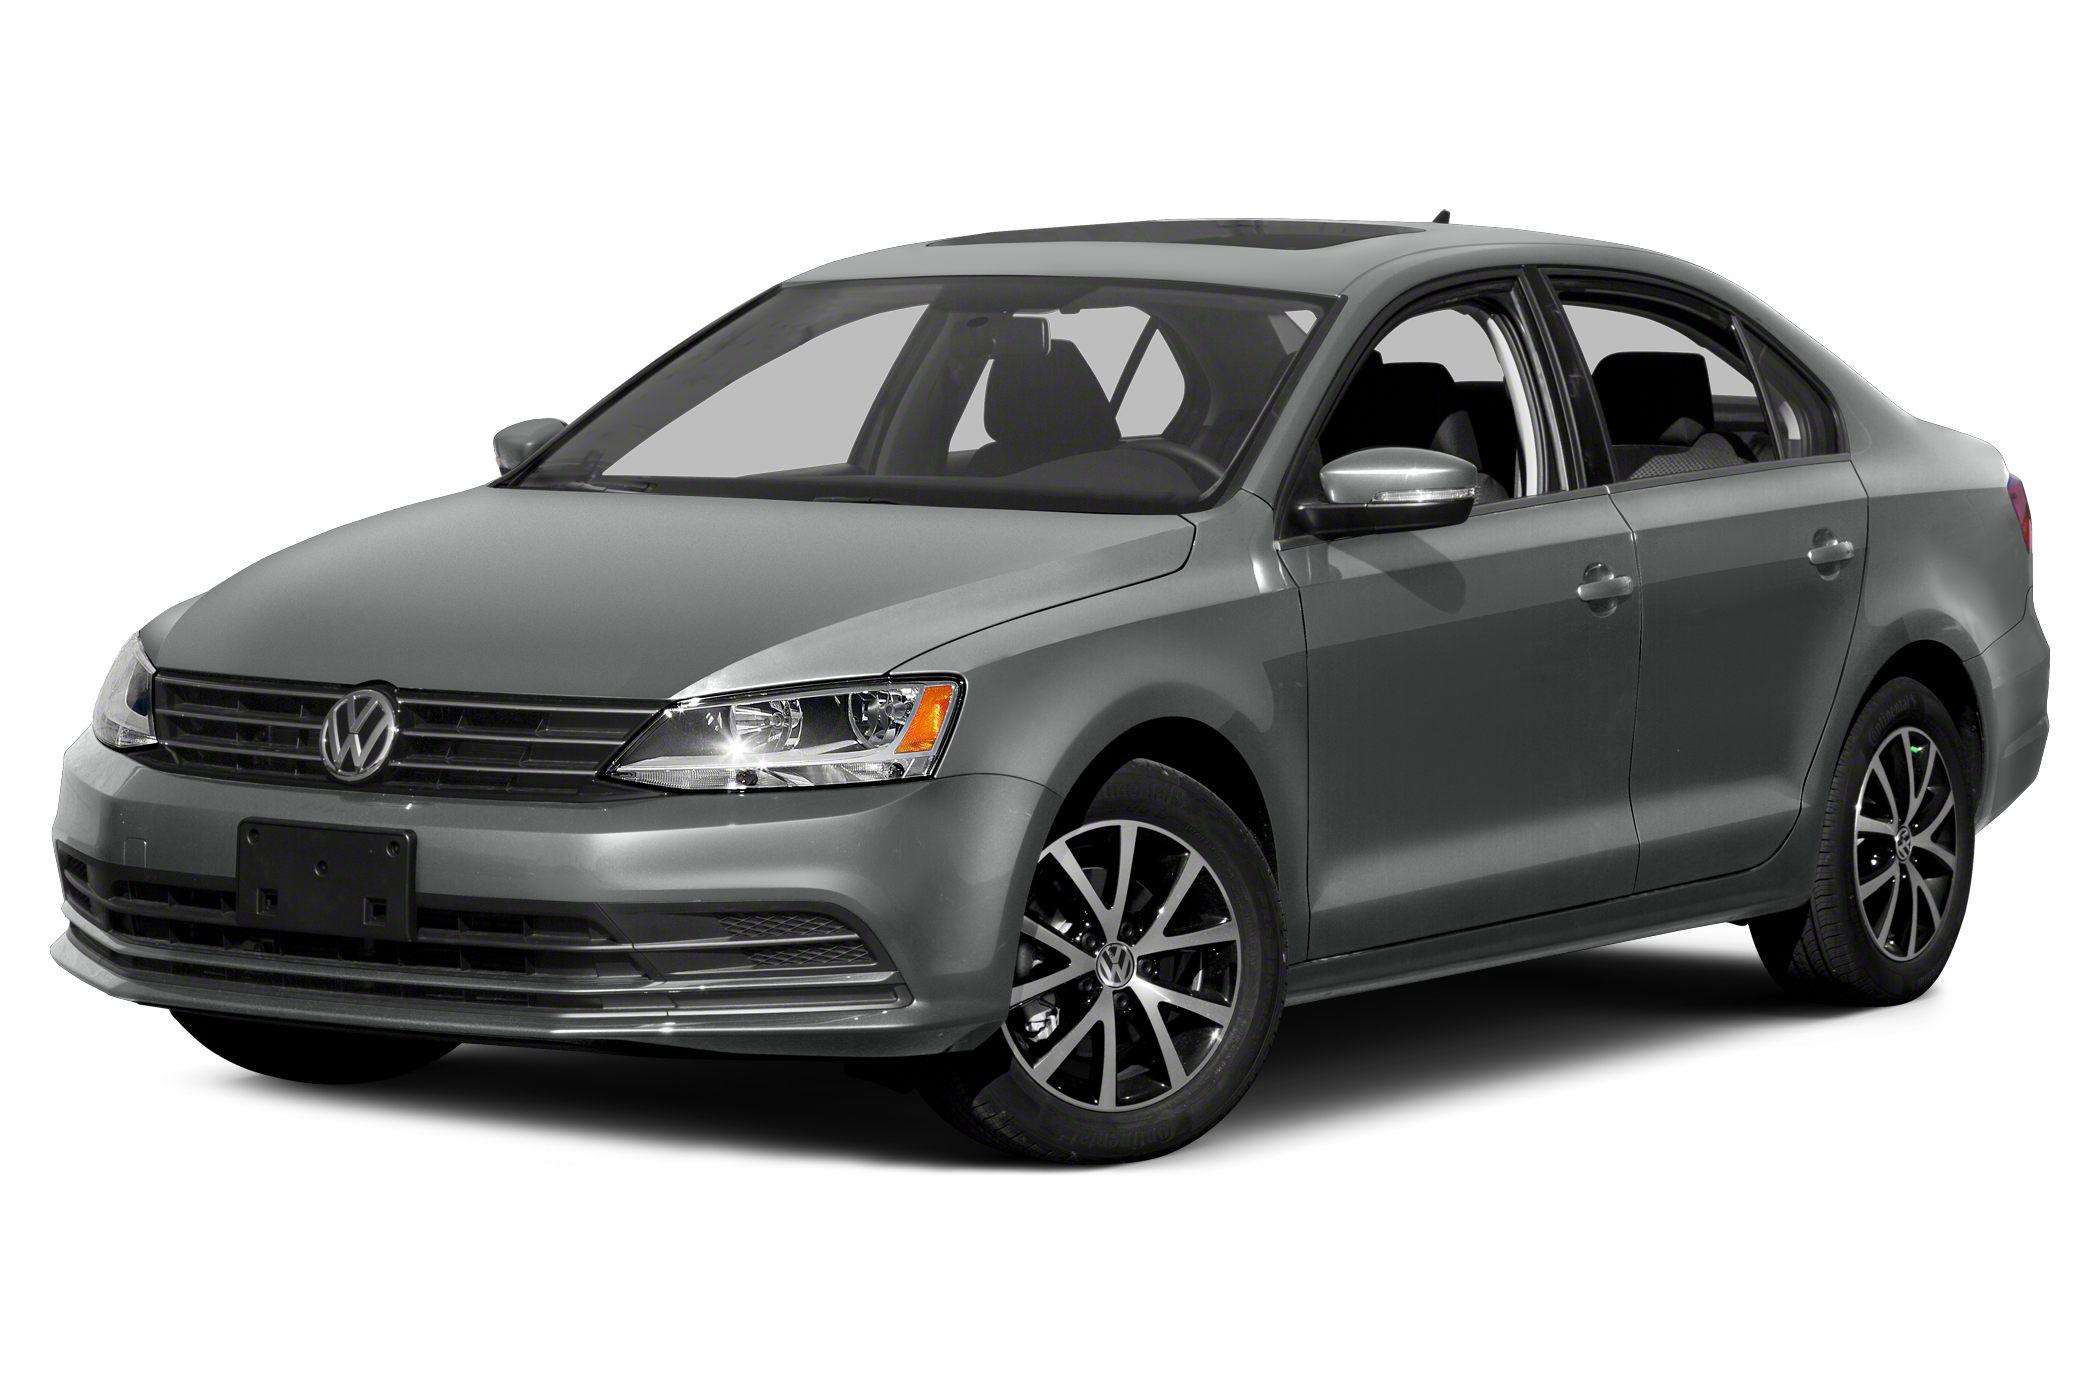 Volkswagen Jetta преначерта конфигурацията си и предложи удължена гаранция